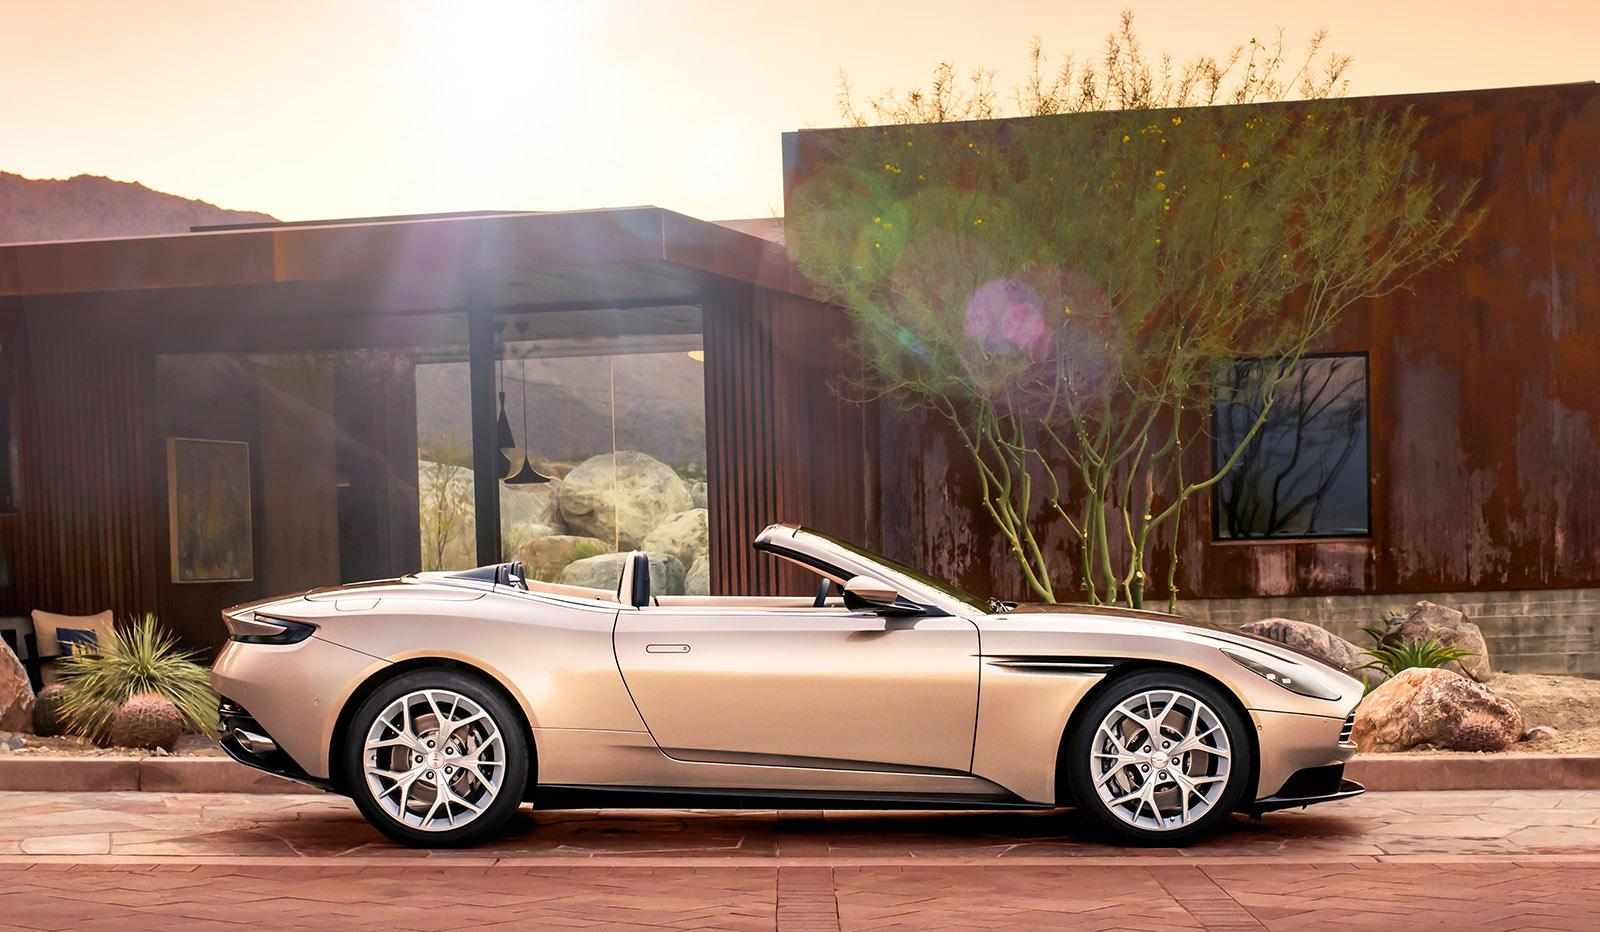 Aston Martin Revela Db11 Conversivel Com Motor Amg Quatro Rodas